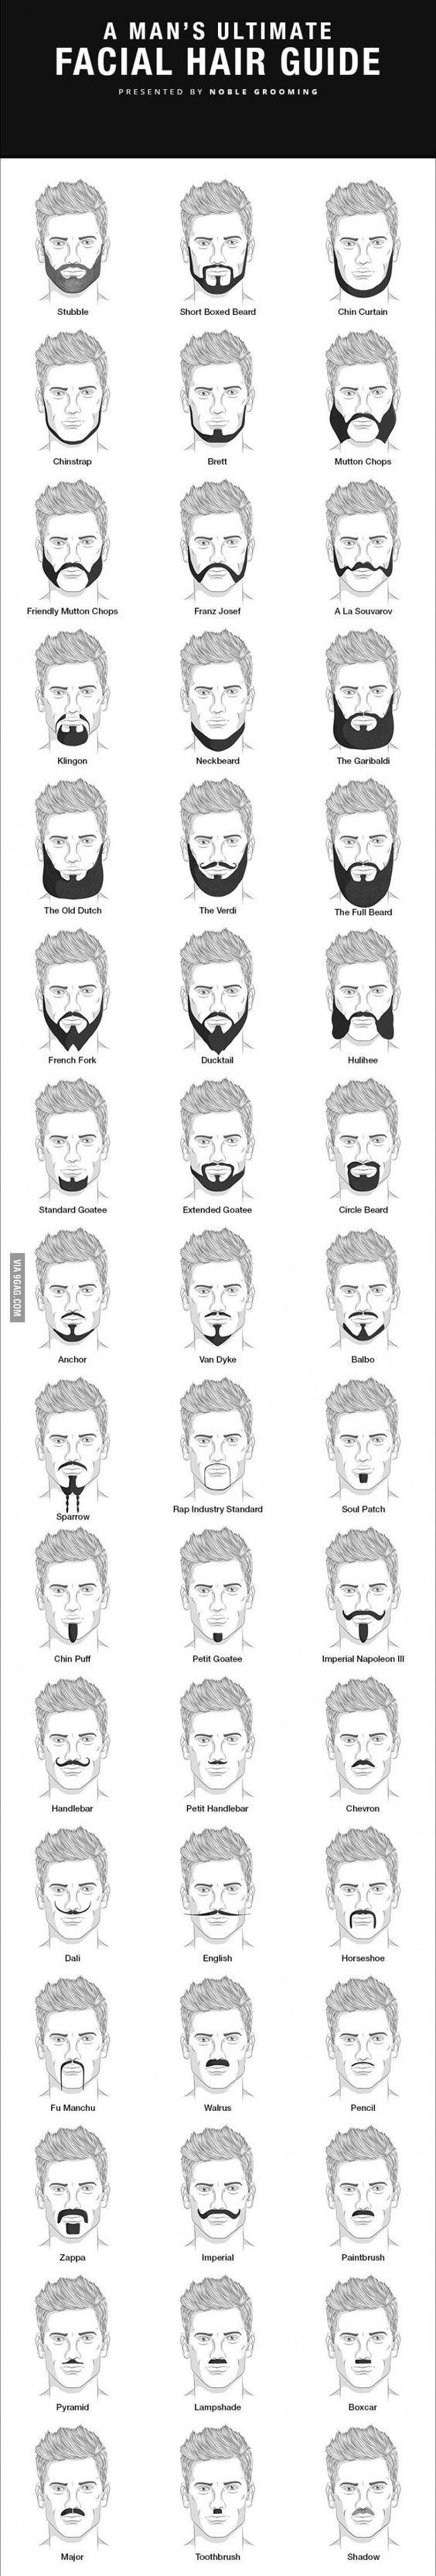 Best Beard Trimmer Reviews  Beard trimmer reviews and Beard trimmer